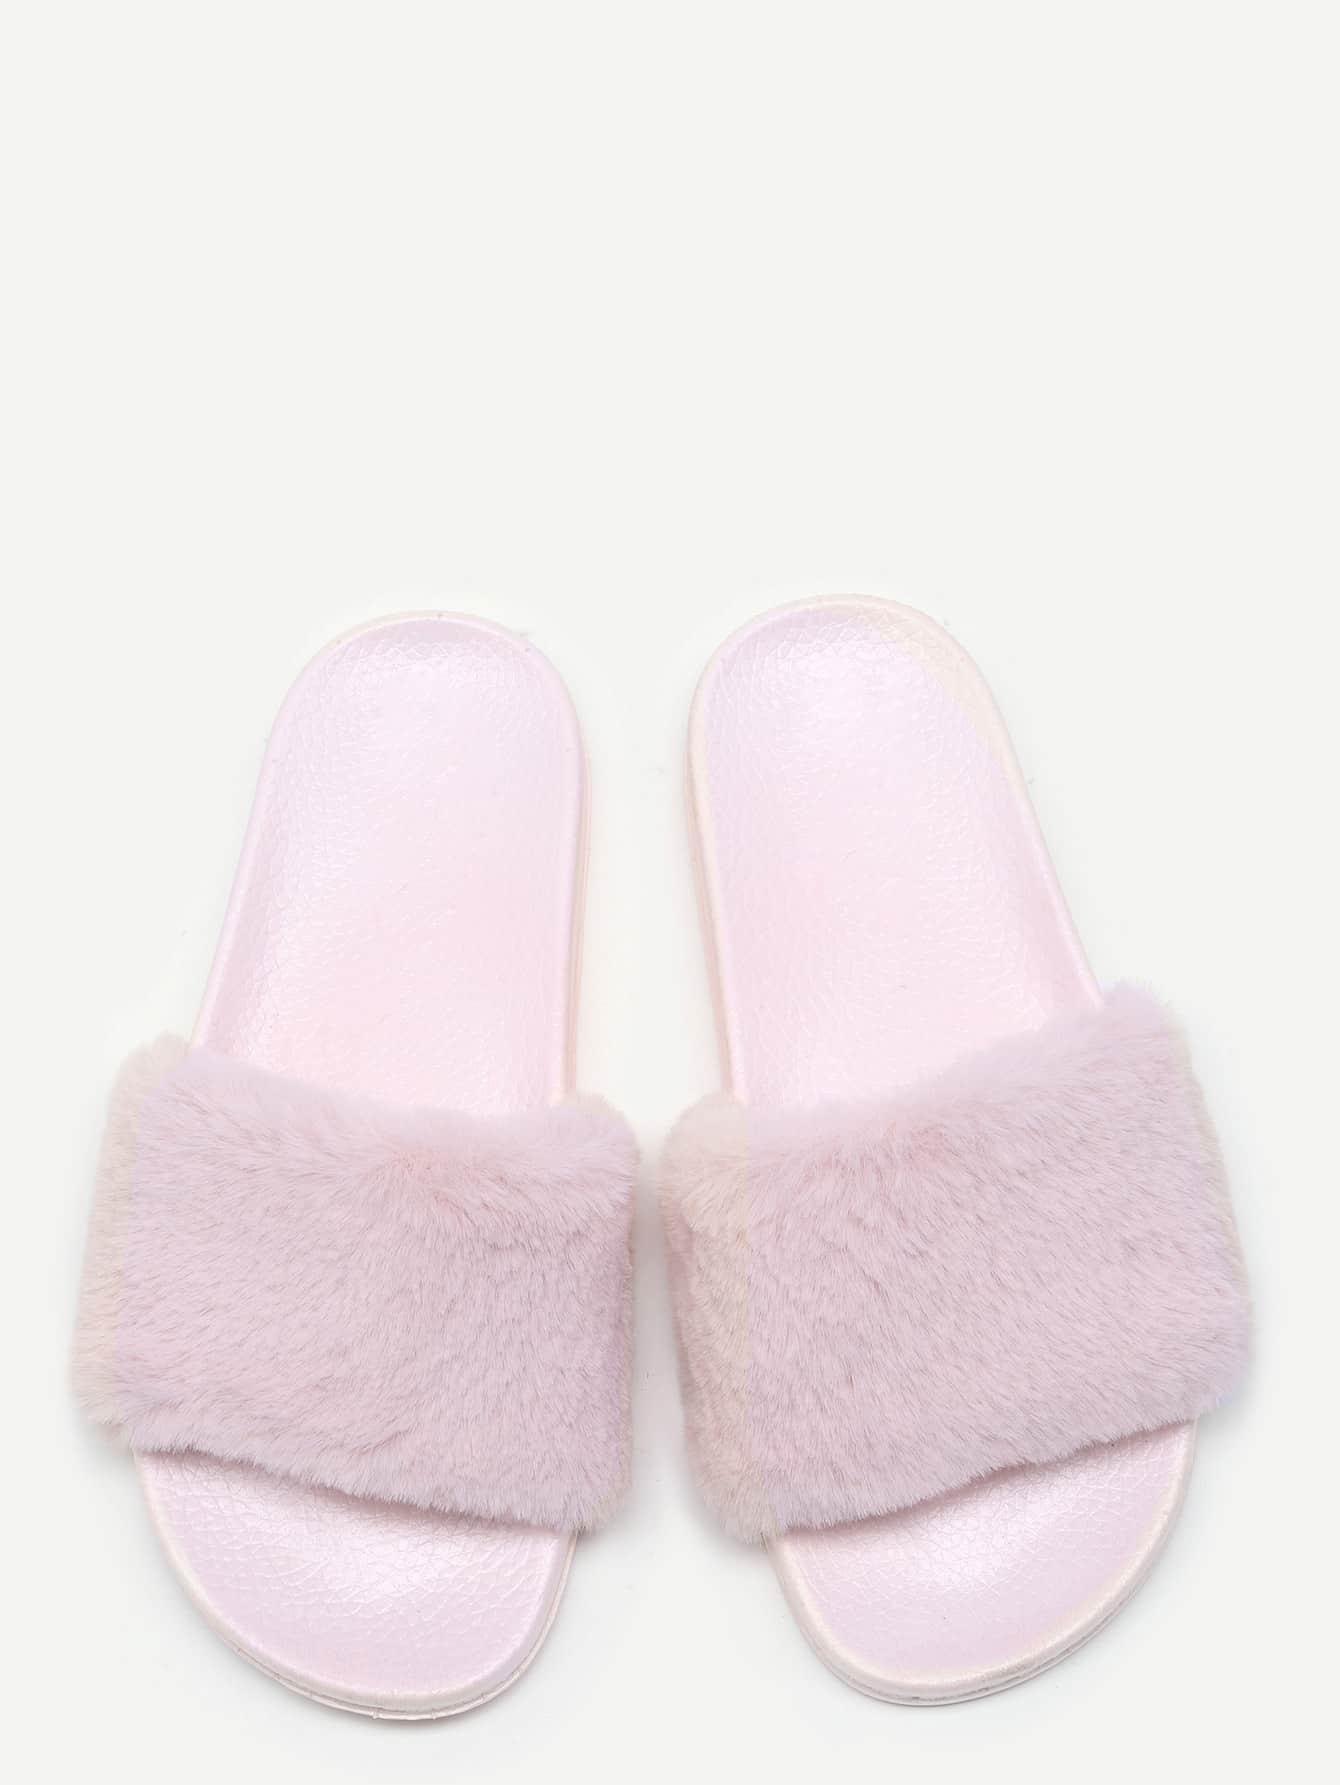 shoes161104806_2